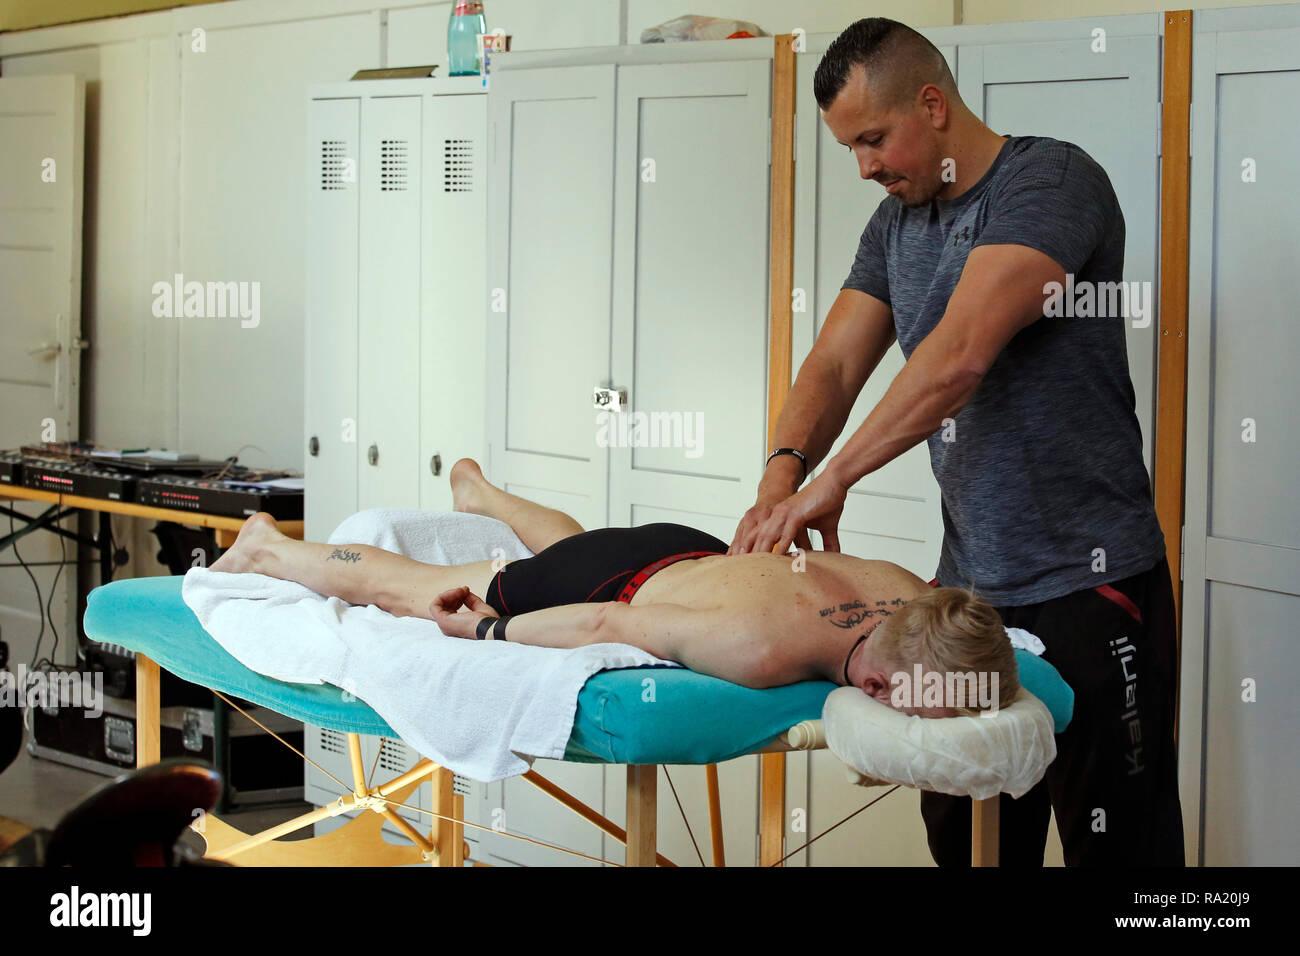 21.04.2018, Brandenburg, Hoppegarten, Deutschland, Mann wird von einem Physiotherapeut behandelt. 00S180421D451CARO.JPG [MODEL RELEASE: NO, PROPERTY R Stock Photo